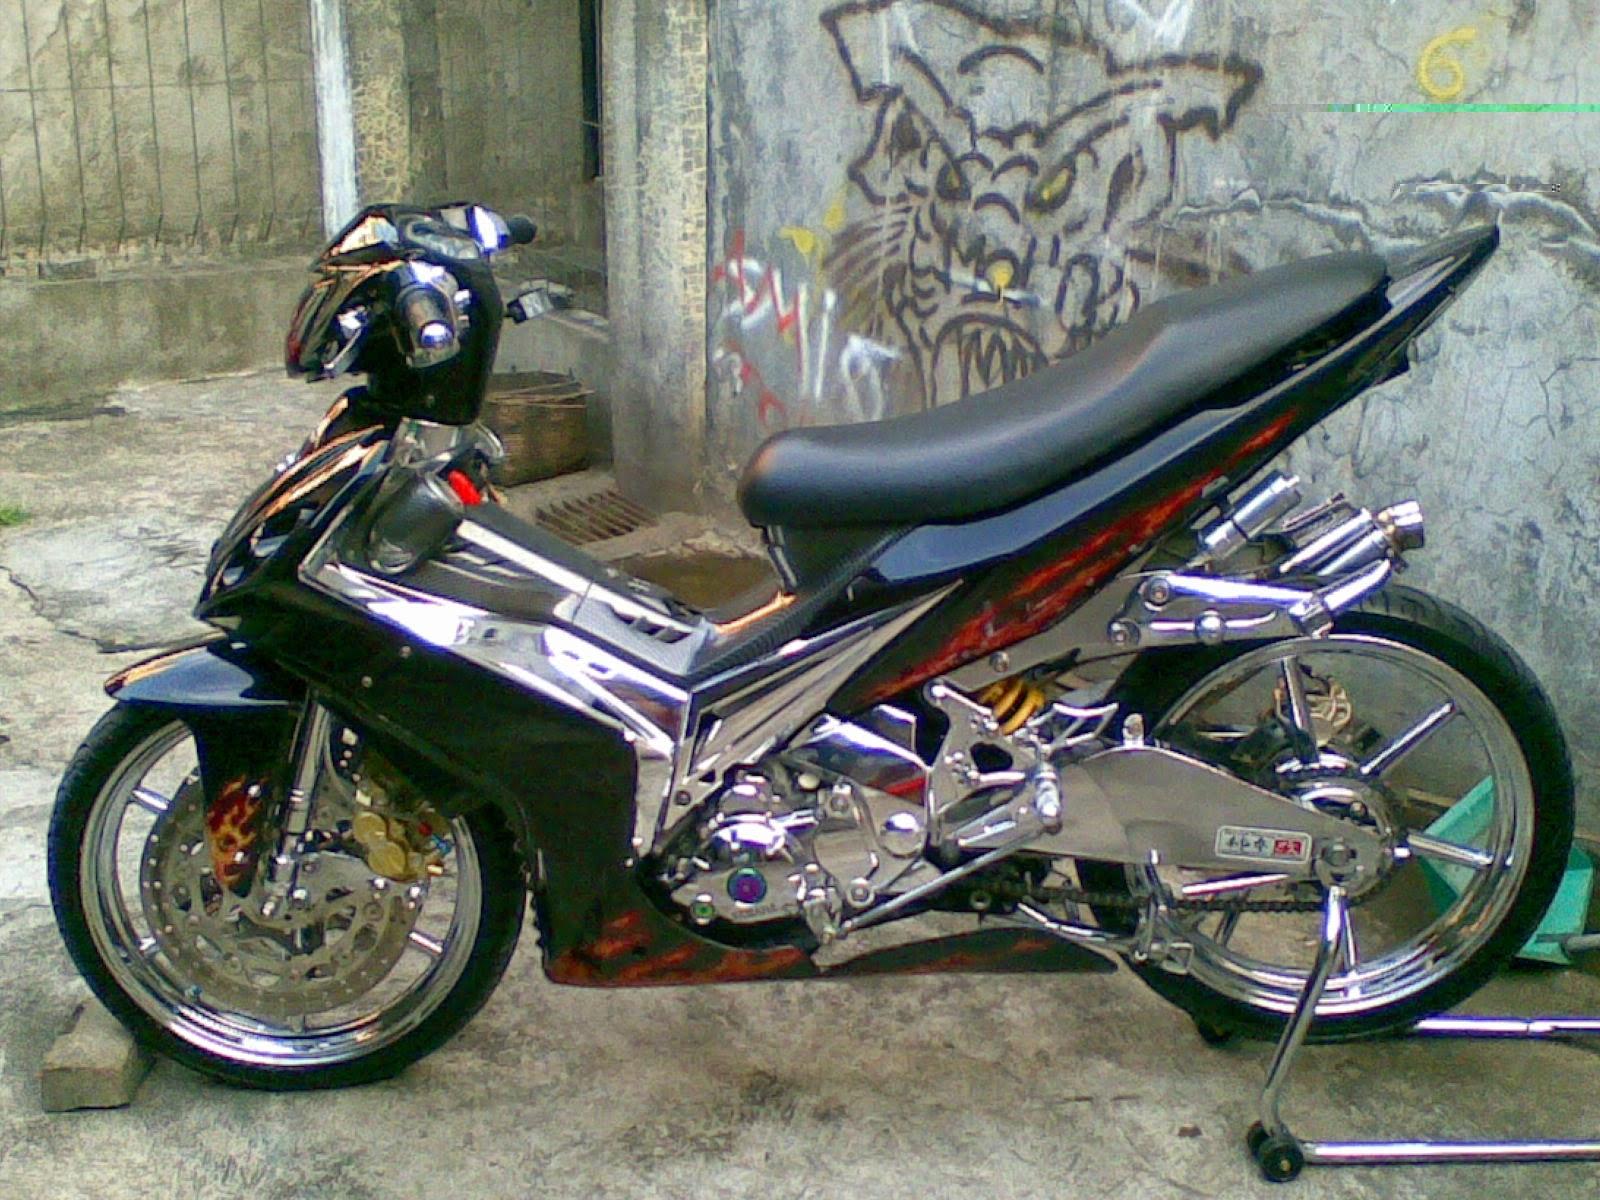 Koleksi Modifikasi Motor Jupiter Mx 2008 Hitam Terlengkap Dunia